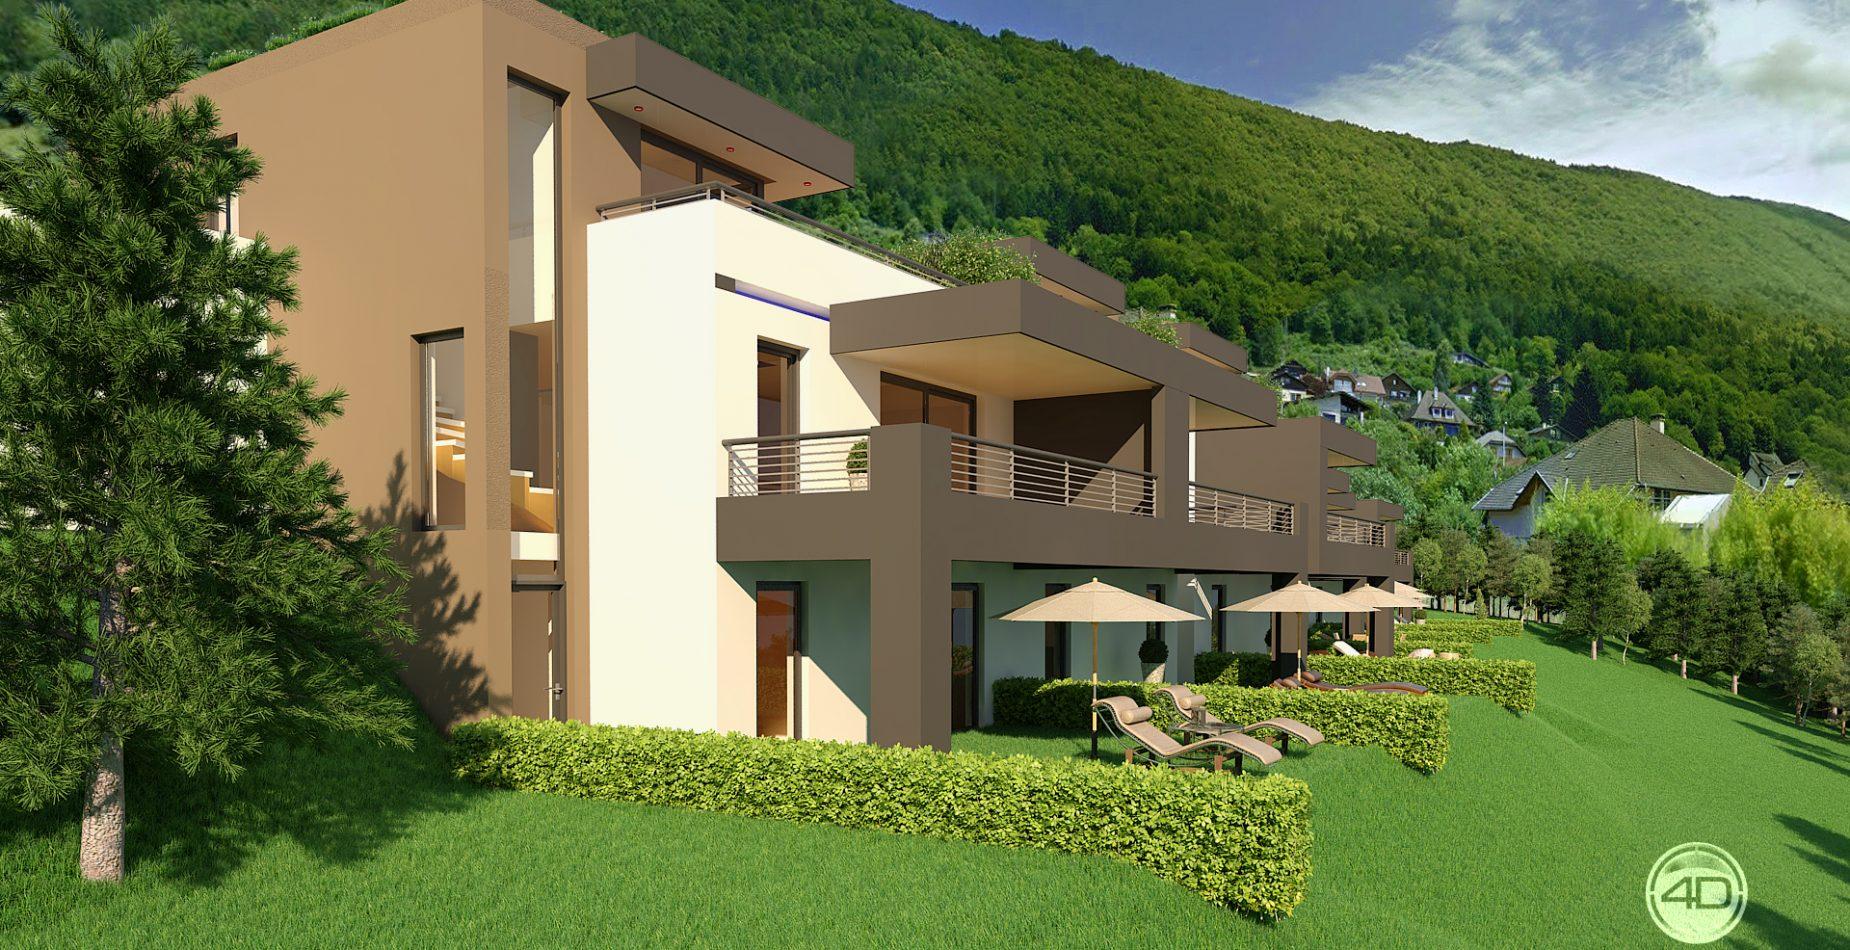 Edificio_4D-univers-townhouse_lac_annecy_3D-villa_00004